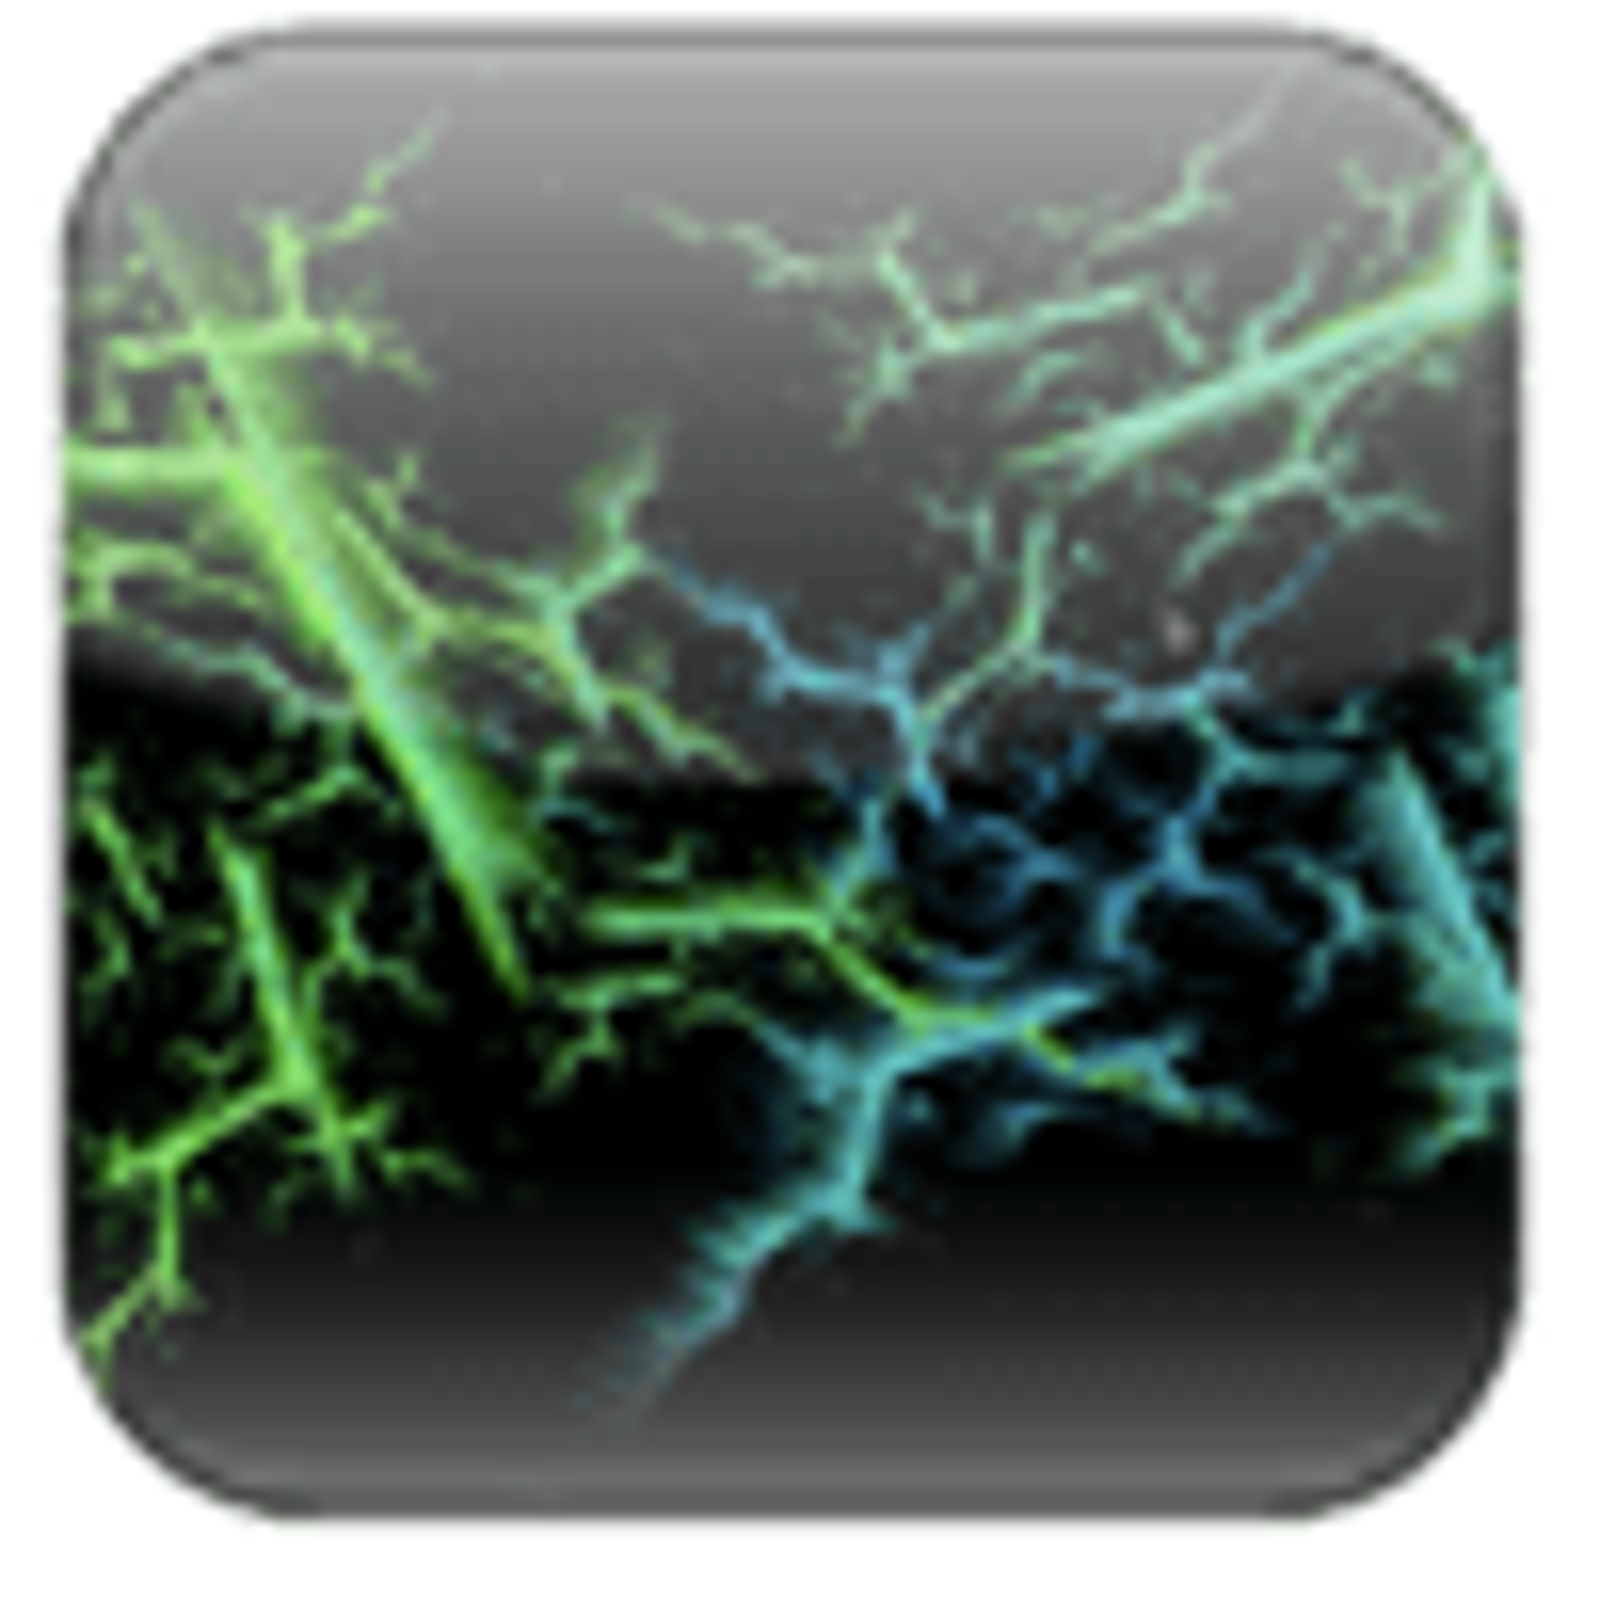 Ephemeral 1.1.1